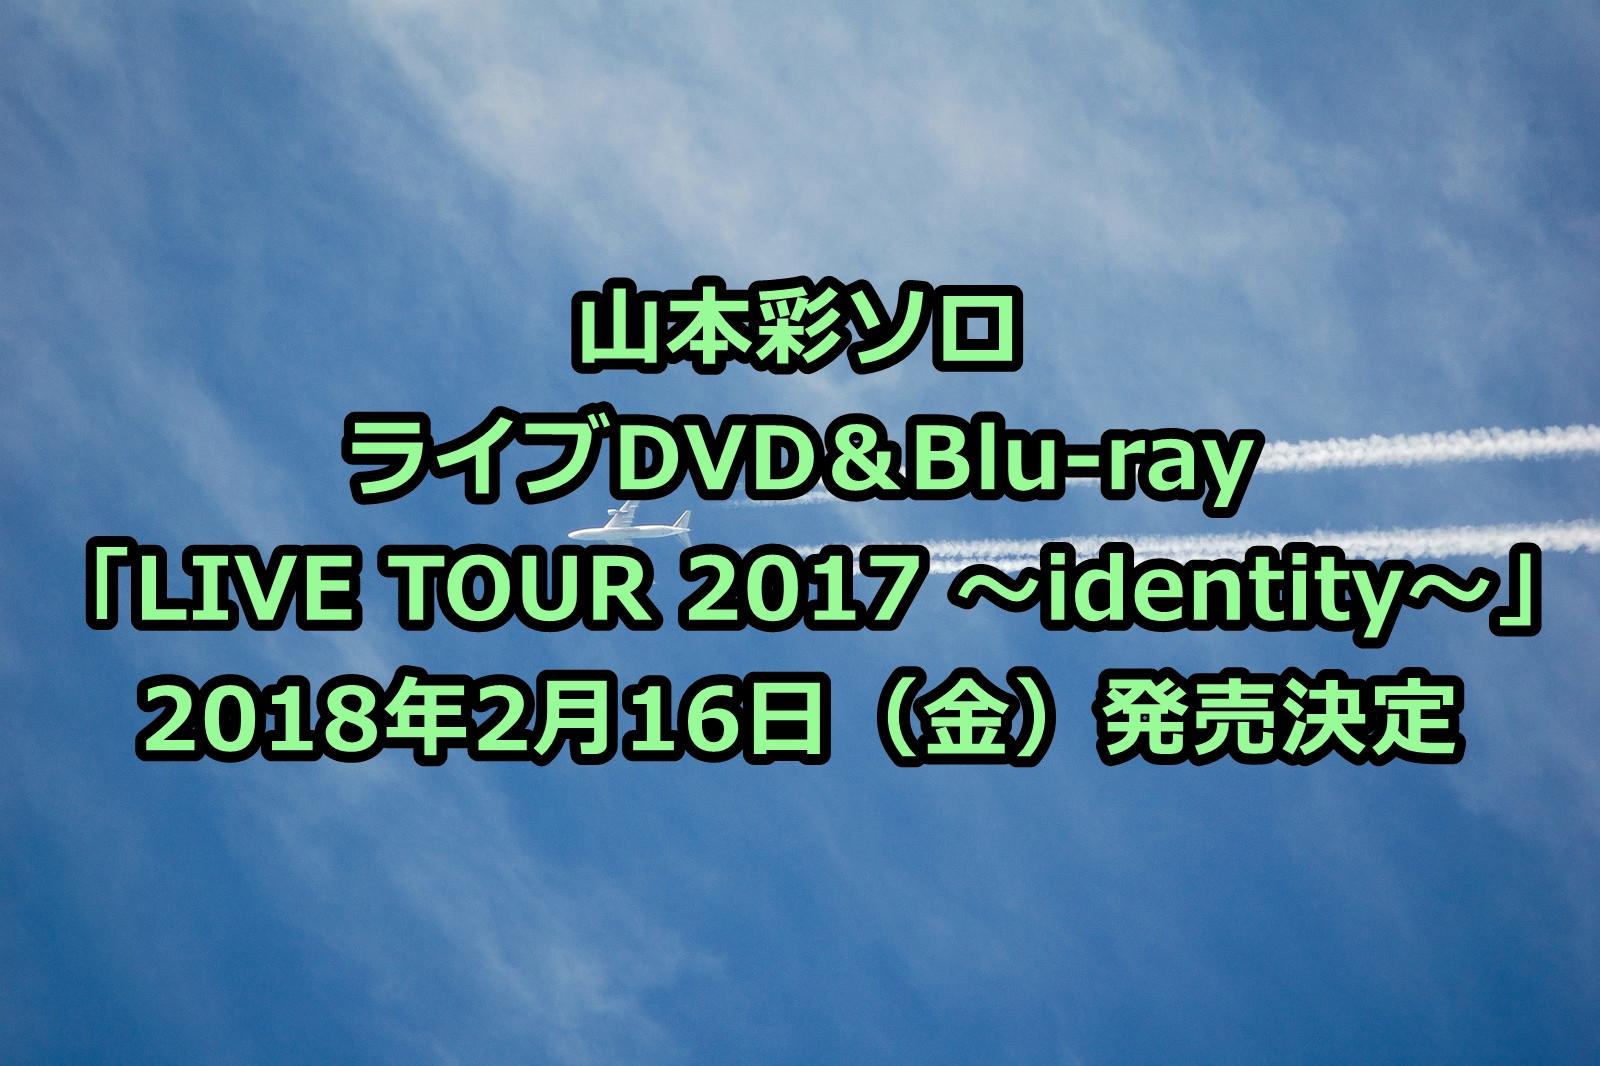 山本彩ライブDVD予約・特典案内!最新「 LIVE TOUR 2017 ~identity~」収録曲、最安値など徹底解説